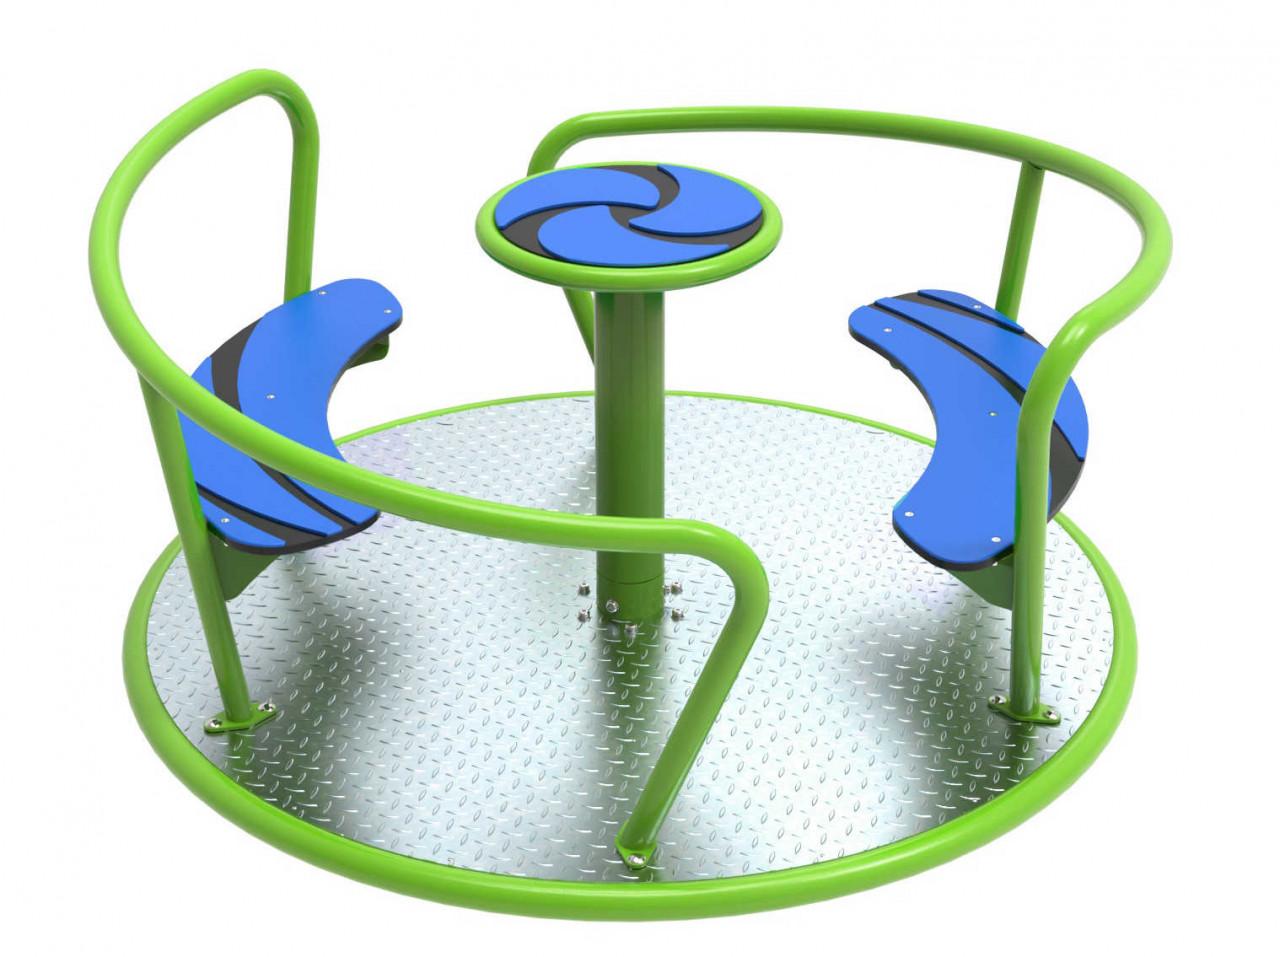 Karussell, Sitzkarussell für Kinder, Spielplatz